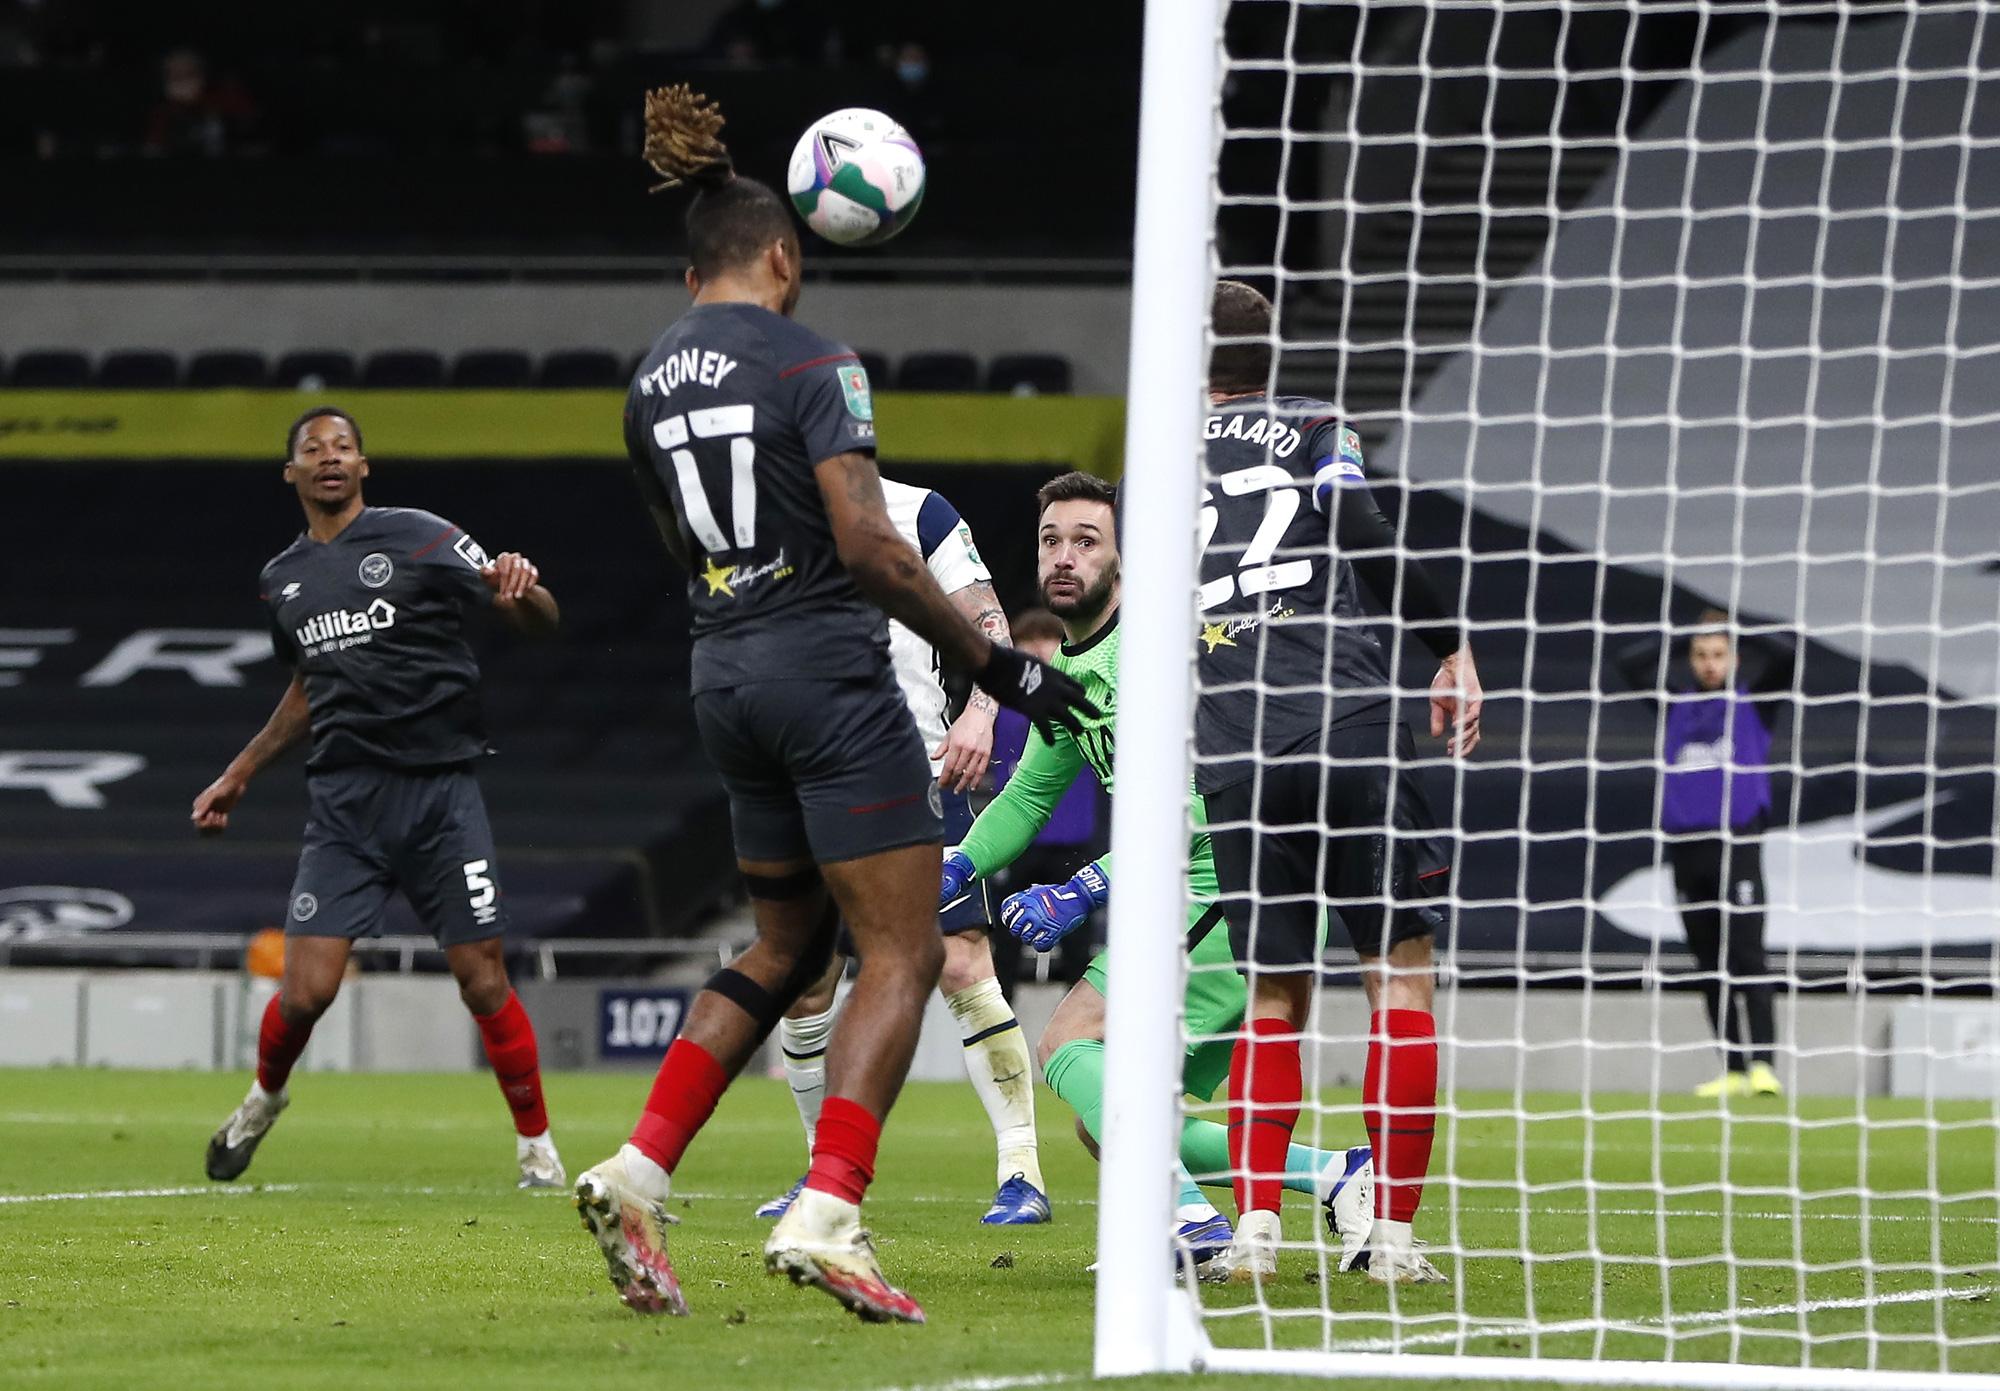 Hạ Brentford 2-0, Tottenham có vé dự trận chung kết đầu mùa - Ảnh 4.